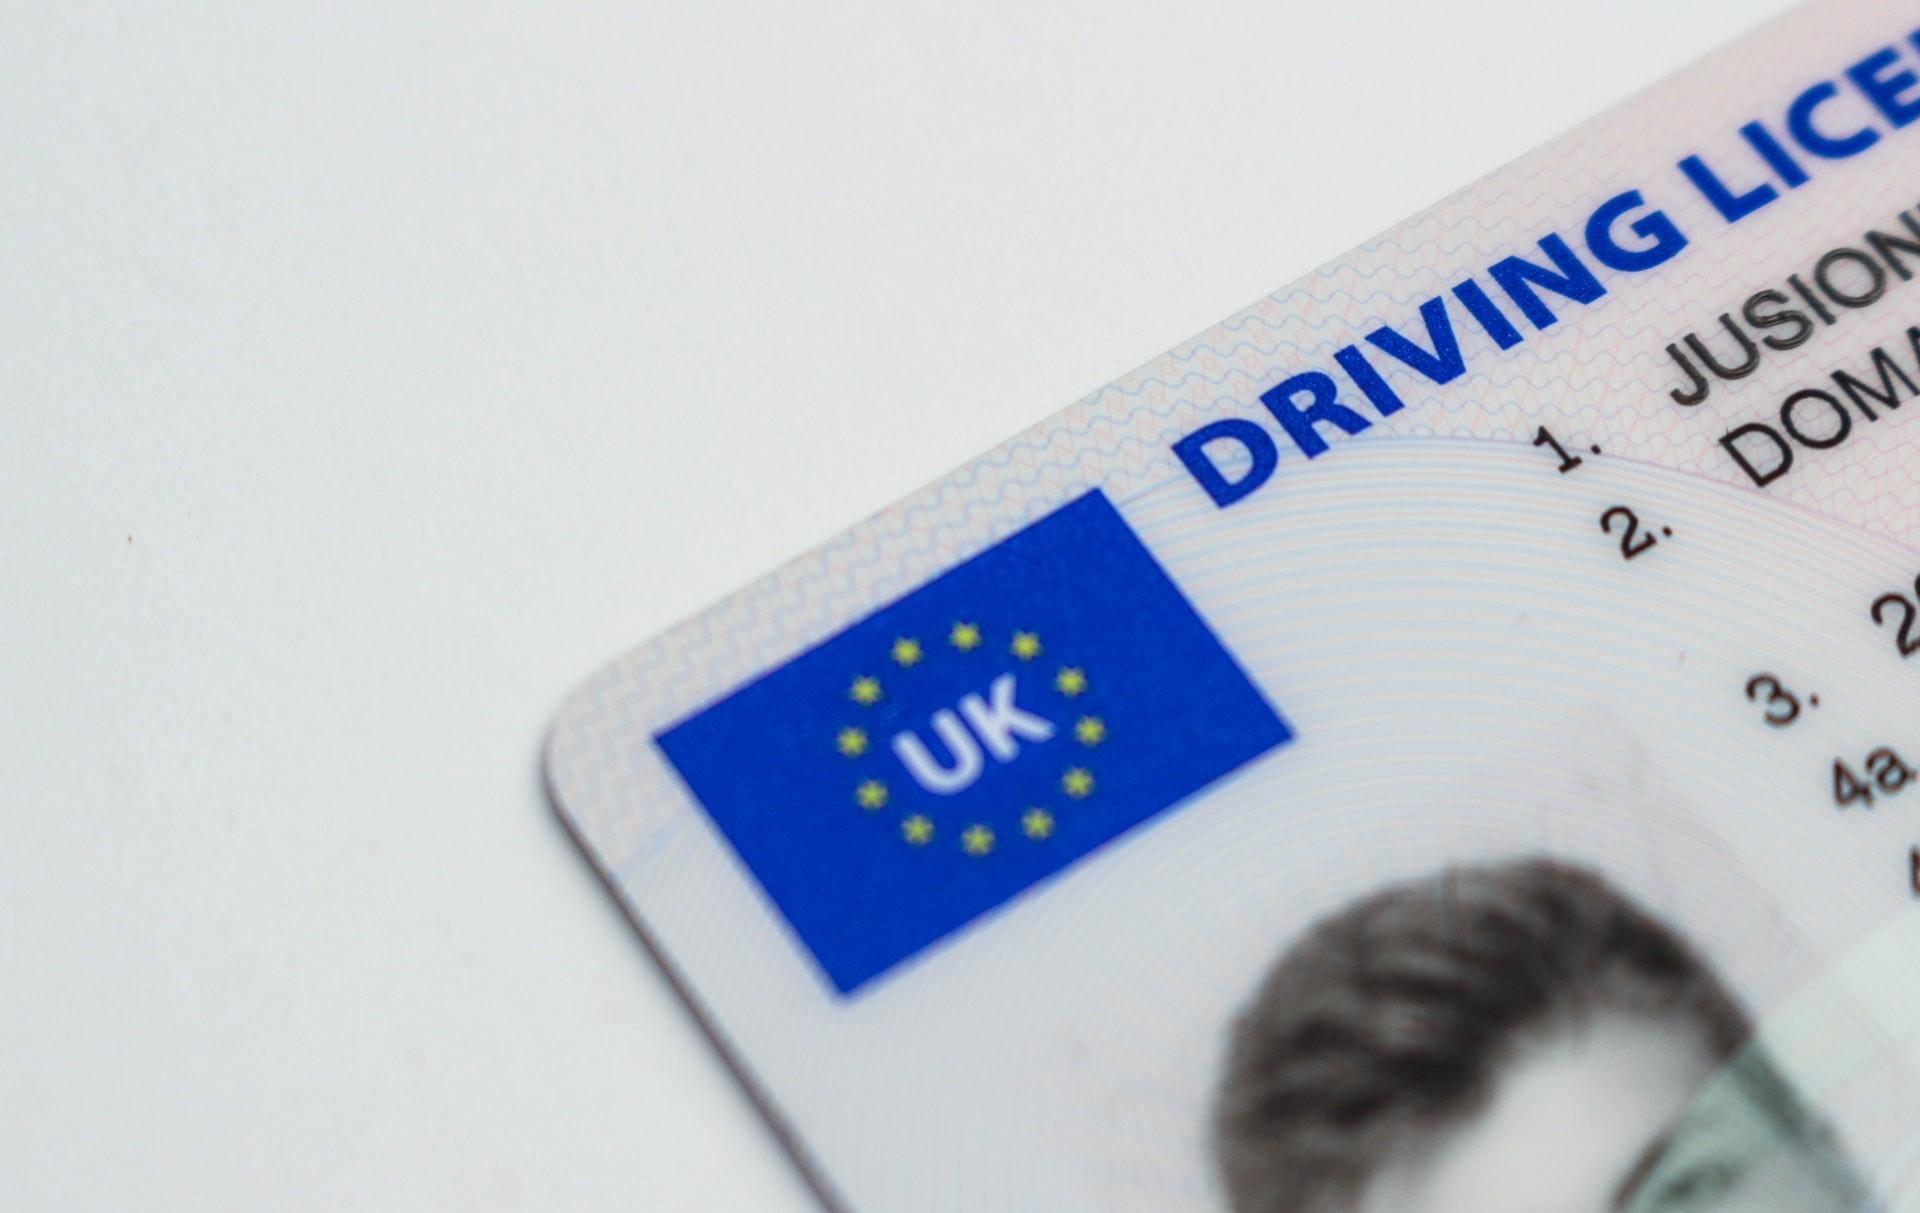 Revoca Patente di Guida o Sospensione| È automatica?